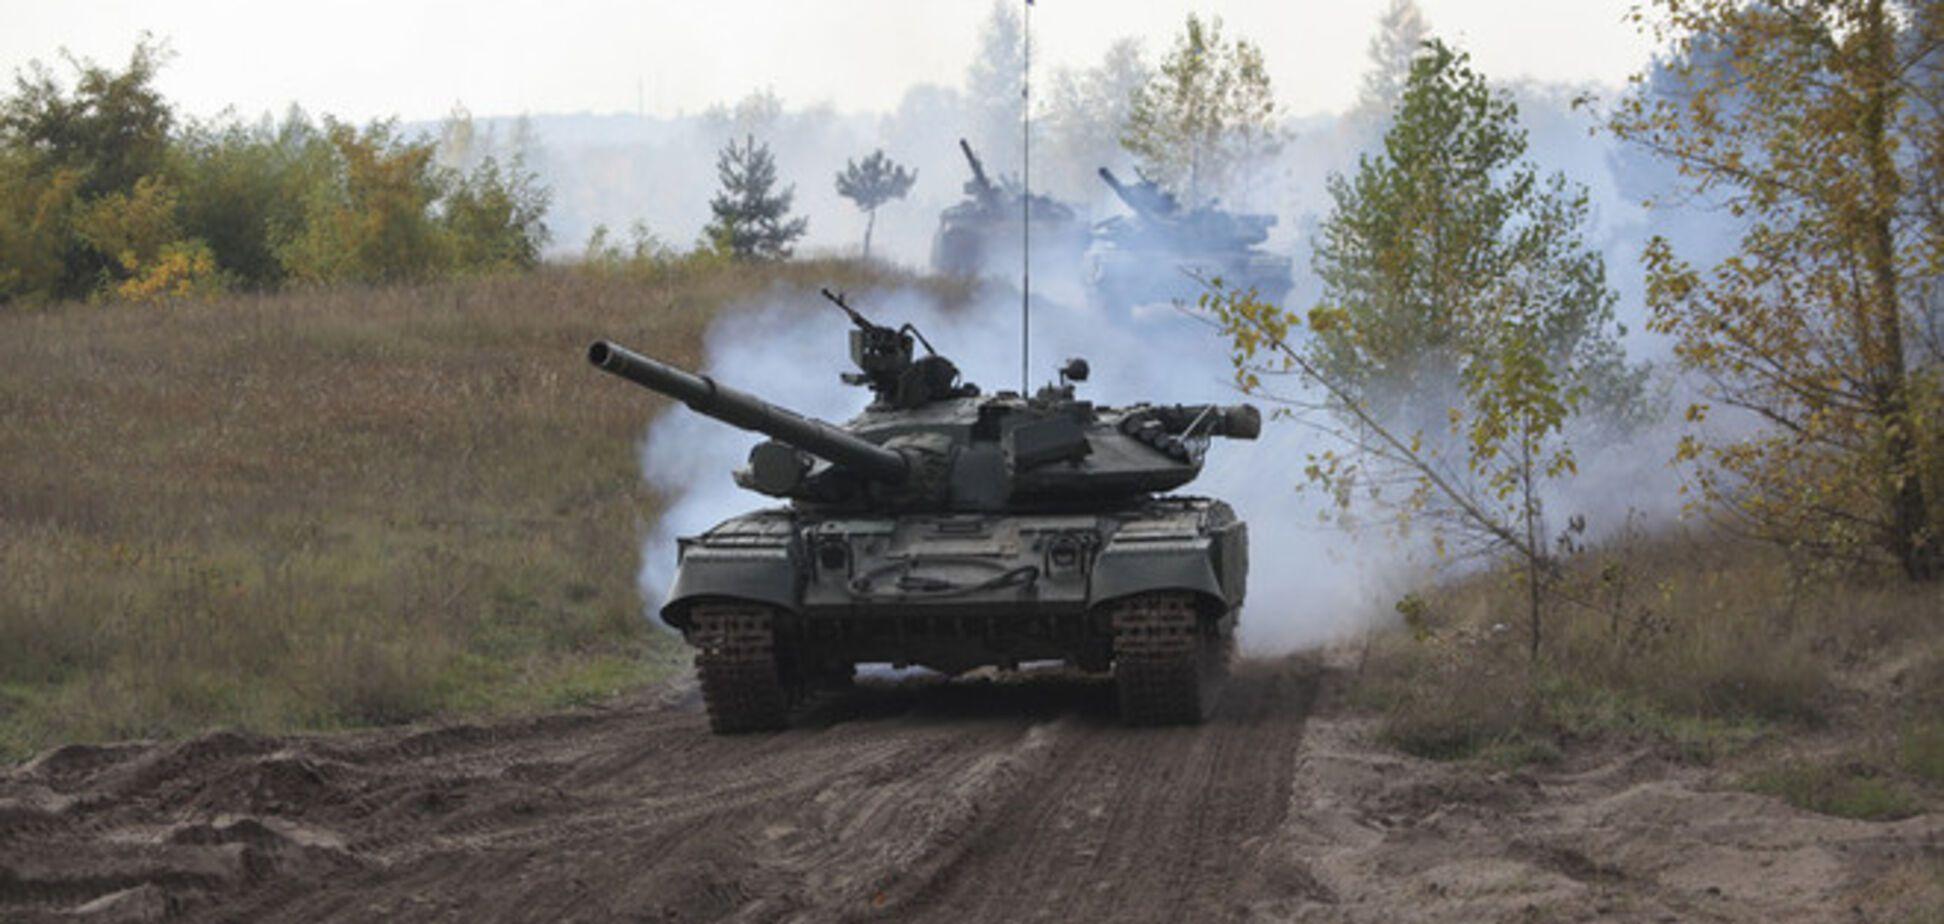 С территории России продолжают прибывать техника и боевики - СНБО